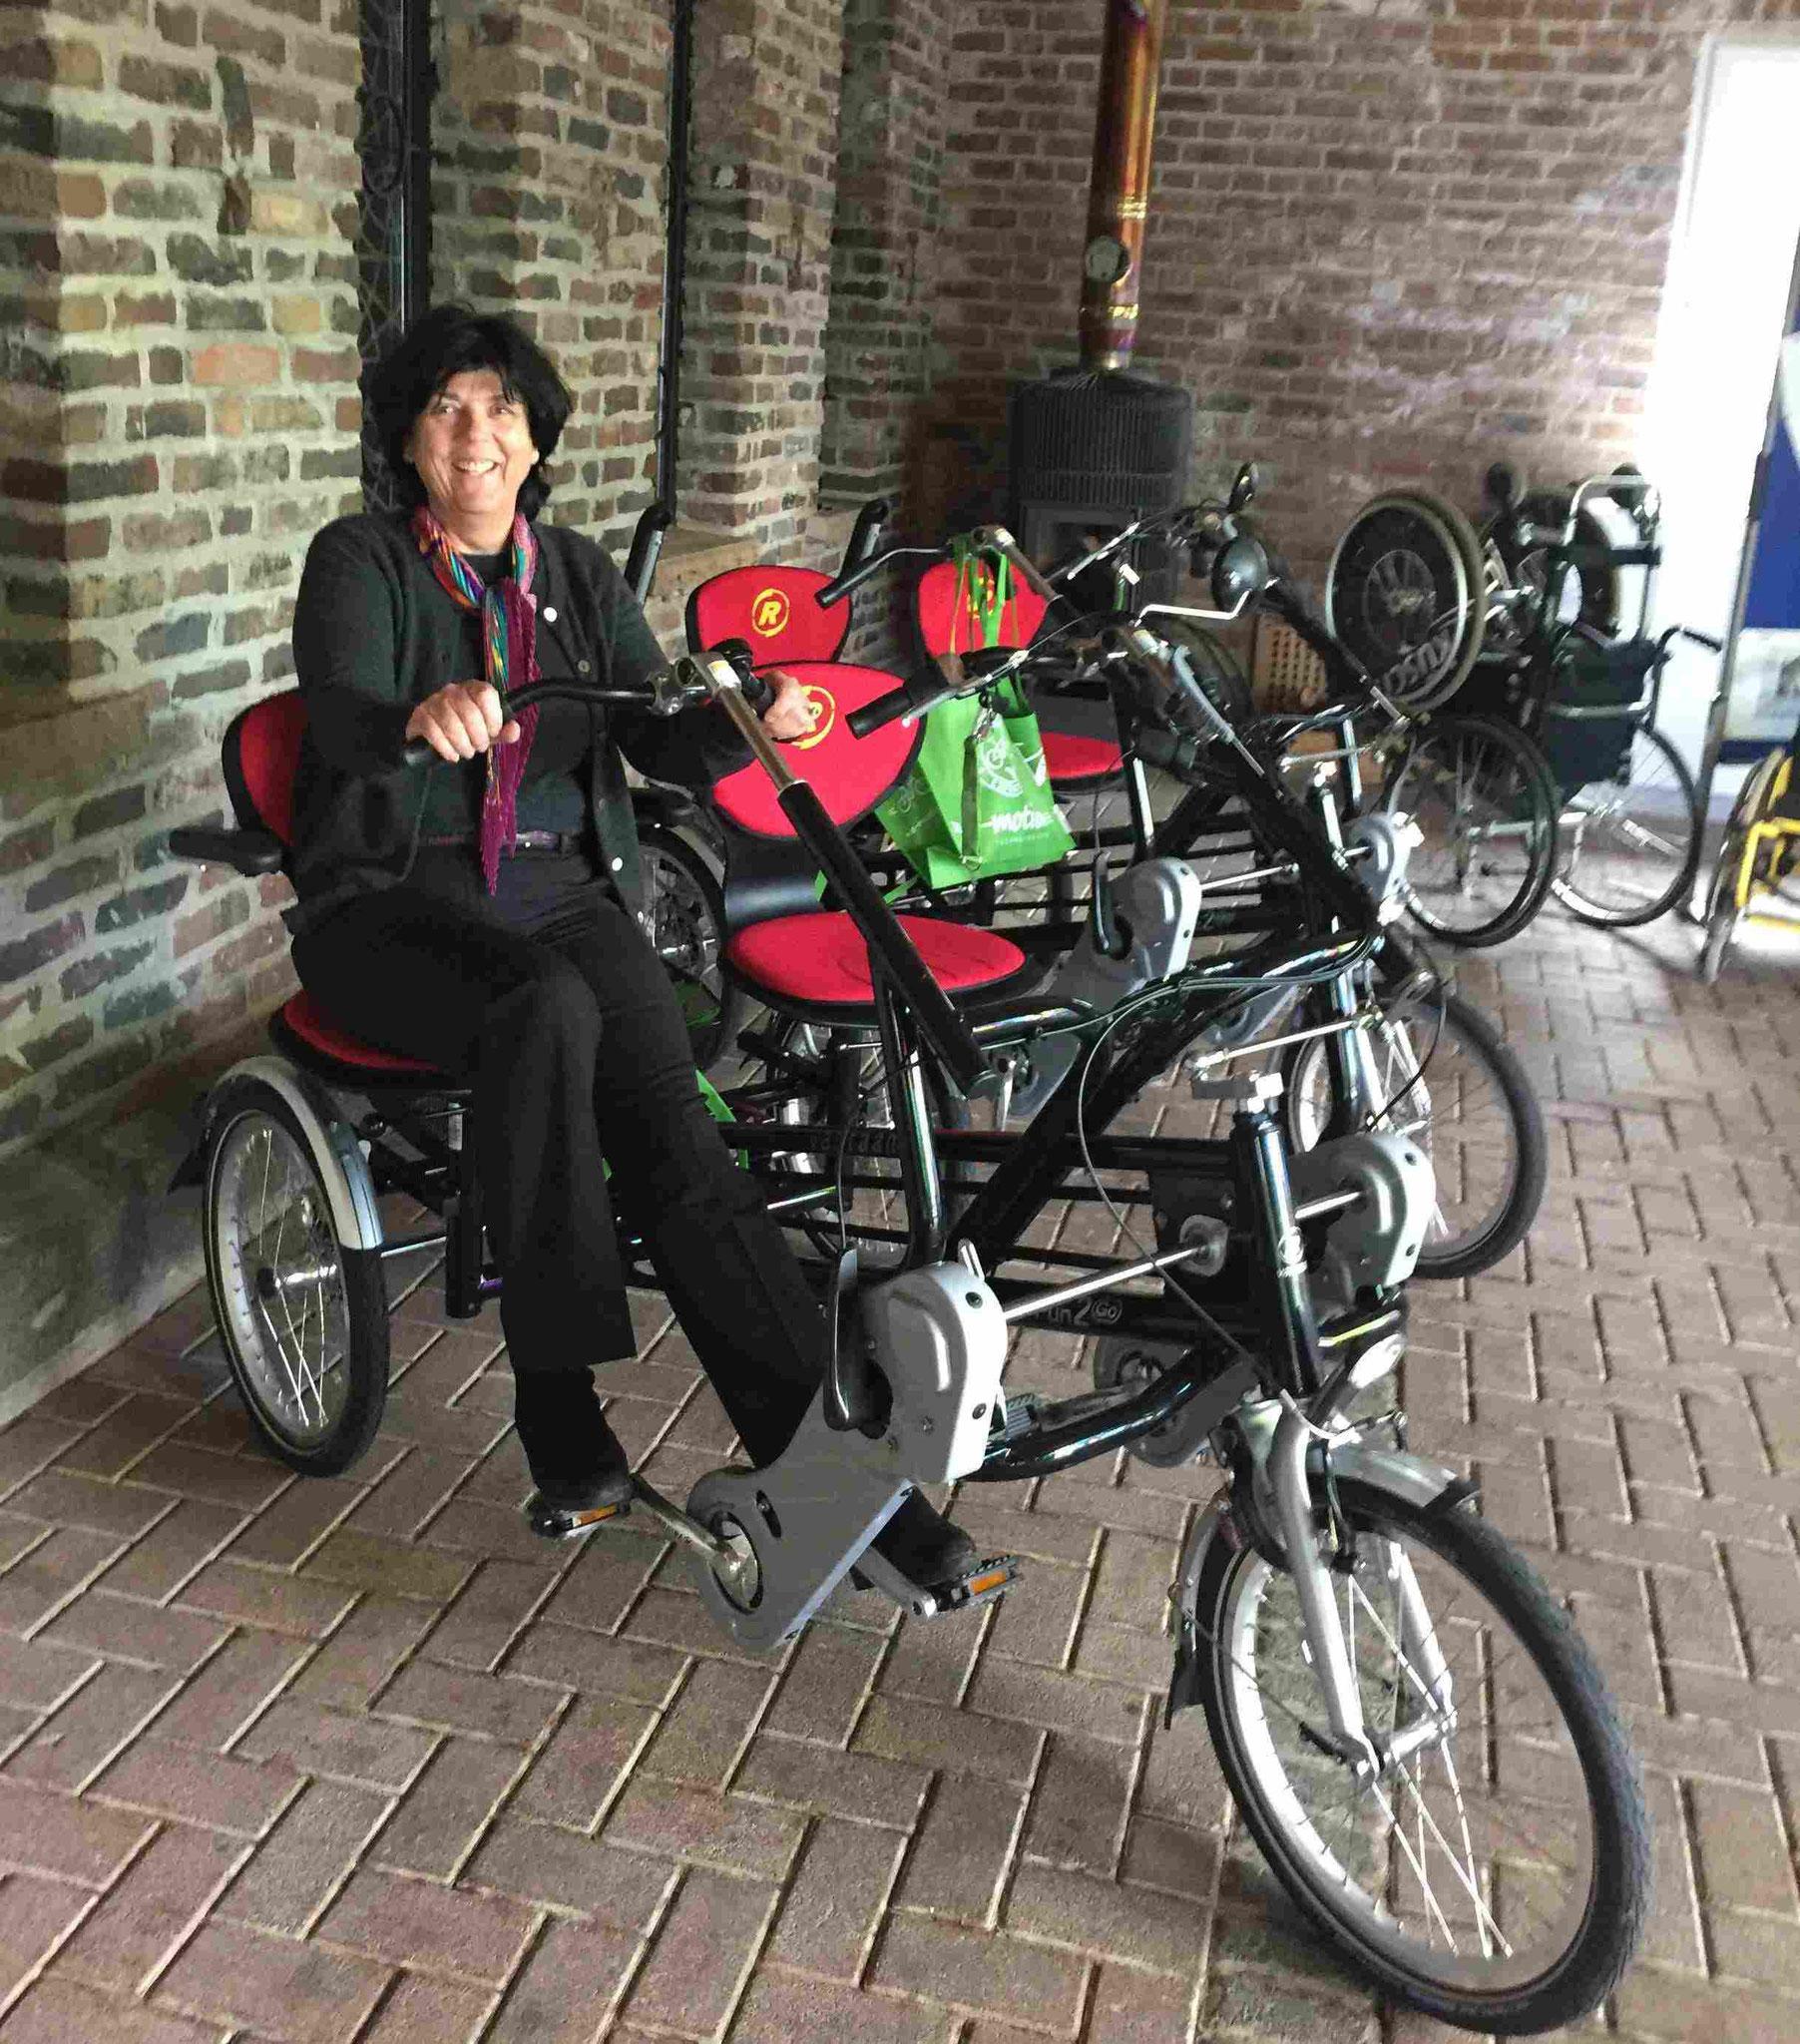 Jutta Zülow 1. Vorsitzende  Burkard Zülow Tandem Stiftung, beim Testsitzen der der 3 neuen  von e-motion Düsseldorf gelieferten Van Raam Fun 2 Go für den Tandem Tag auf Gut Gnadental.